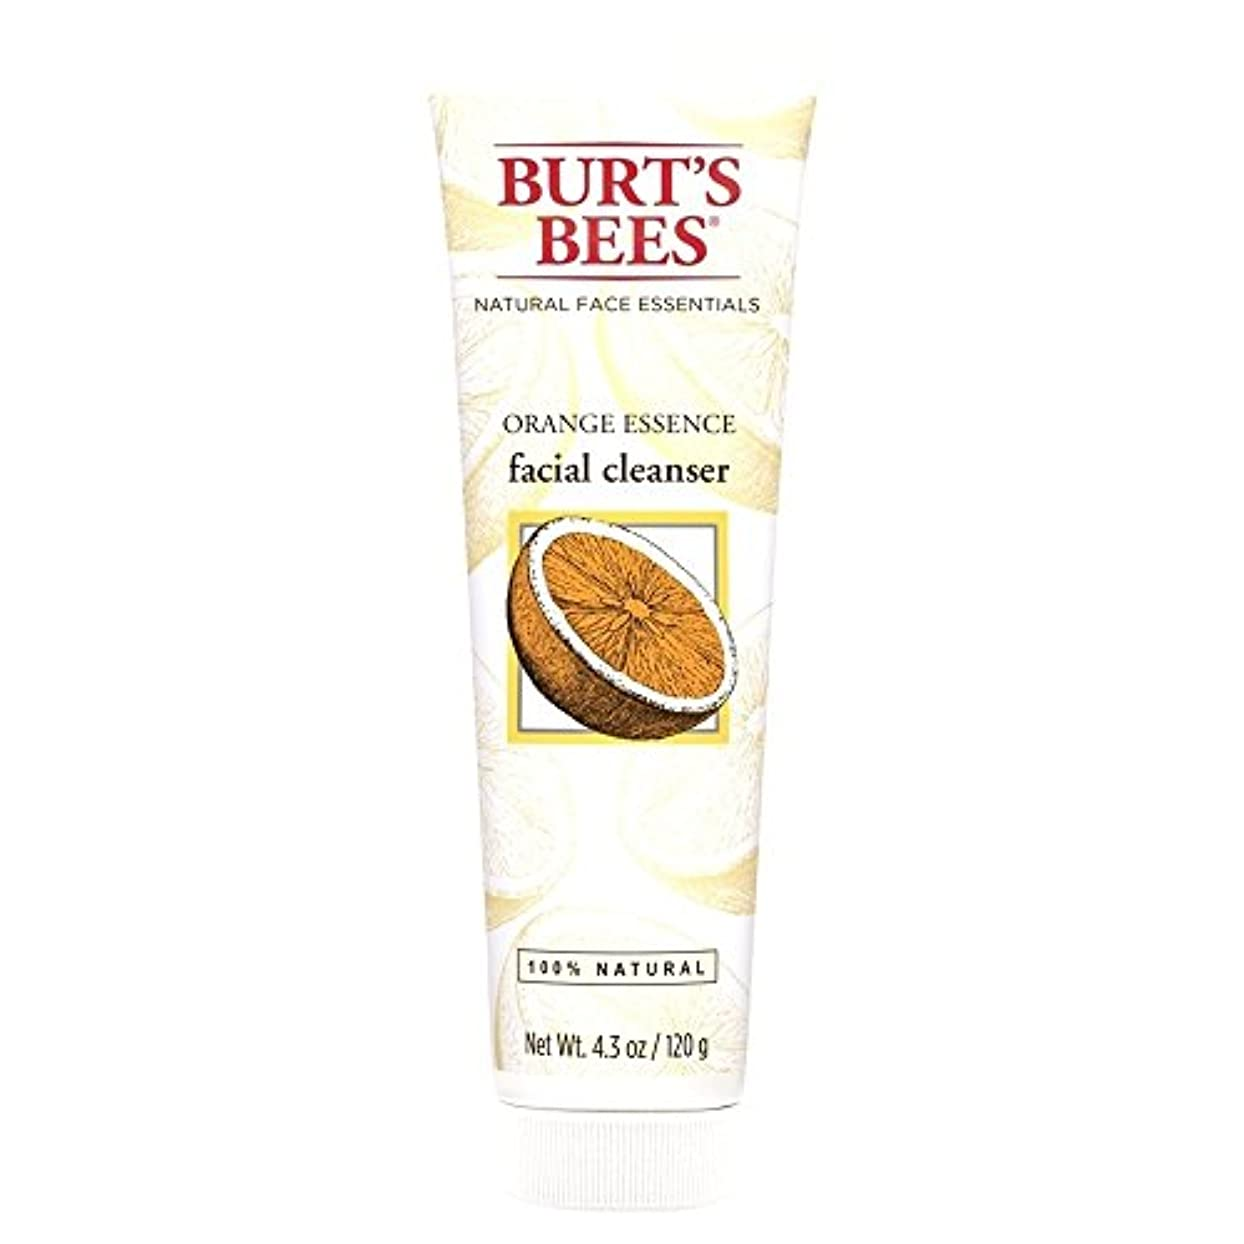 直径仕事に行く北米バーツビーオレンジエッセンス洗顔料、125グラム (Burt's Bees) - Burt's Bees Orange Essence Facial Cleanser, 125g [並行輸入品]